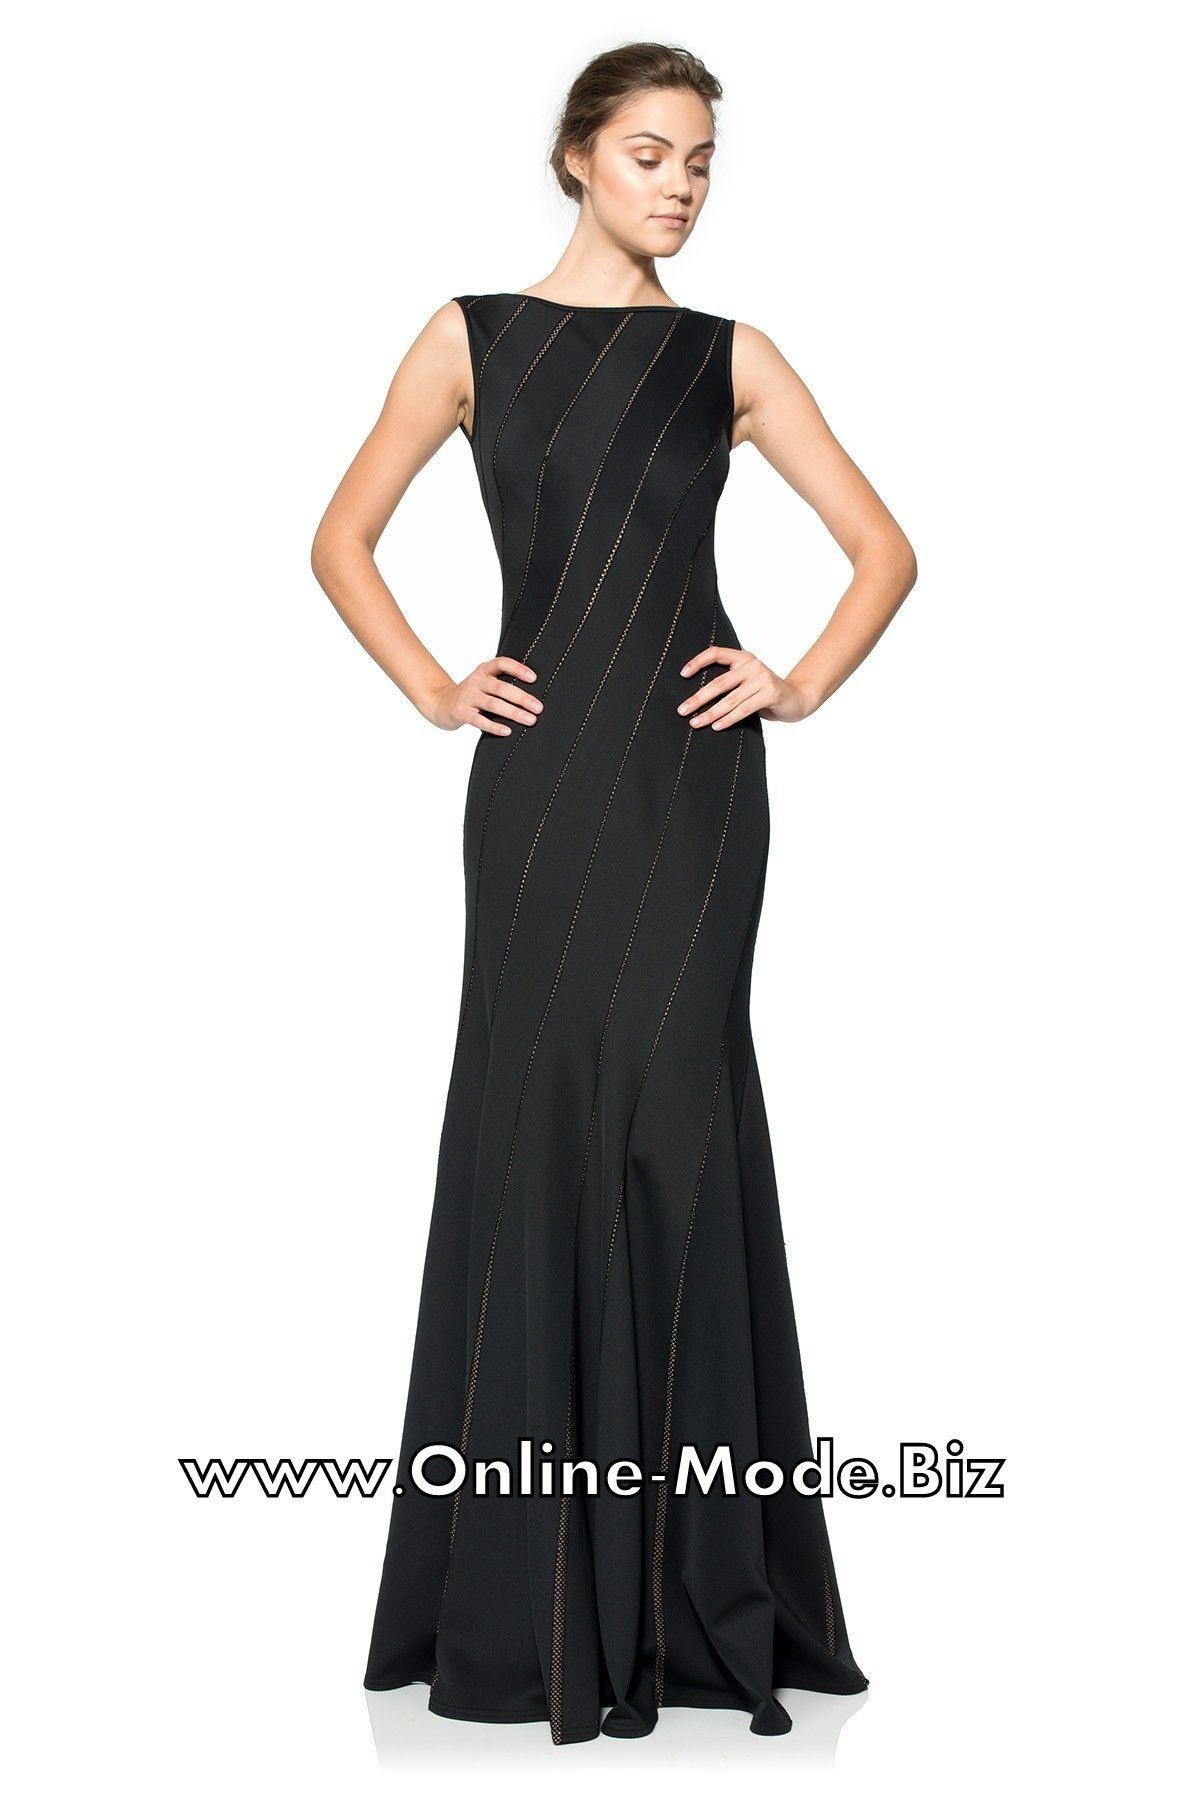 20 Genial Abendkleid Xxl BoutiqueAbend Schön Abendkleid Xxl Design